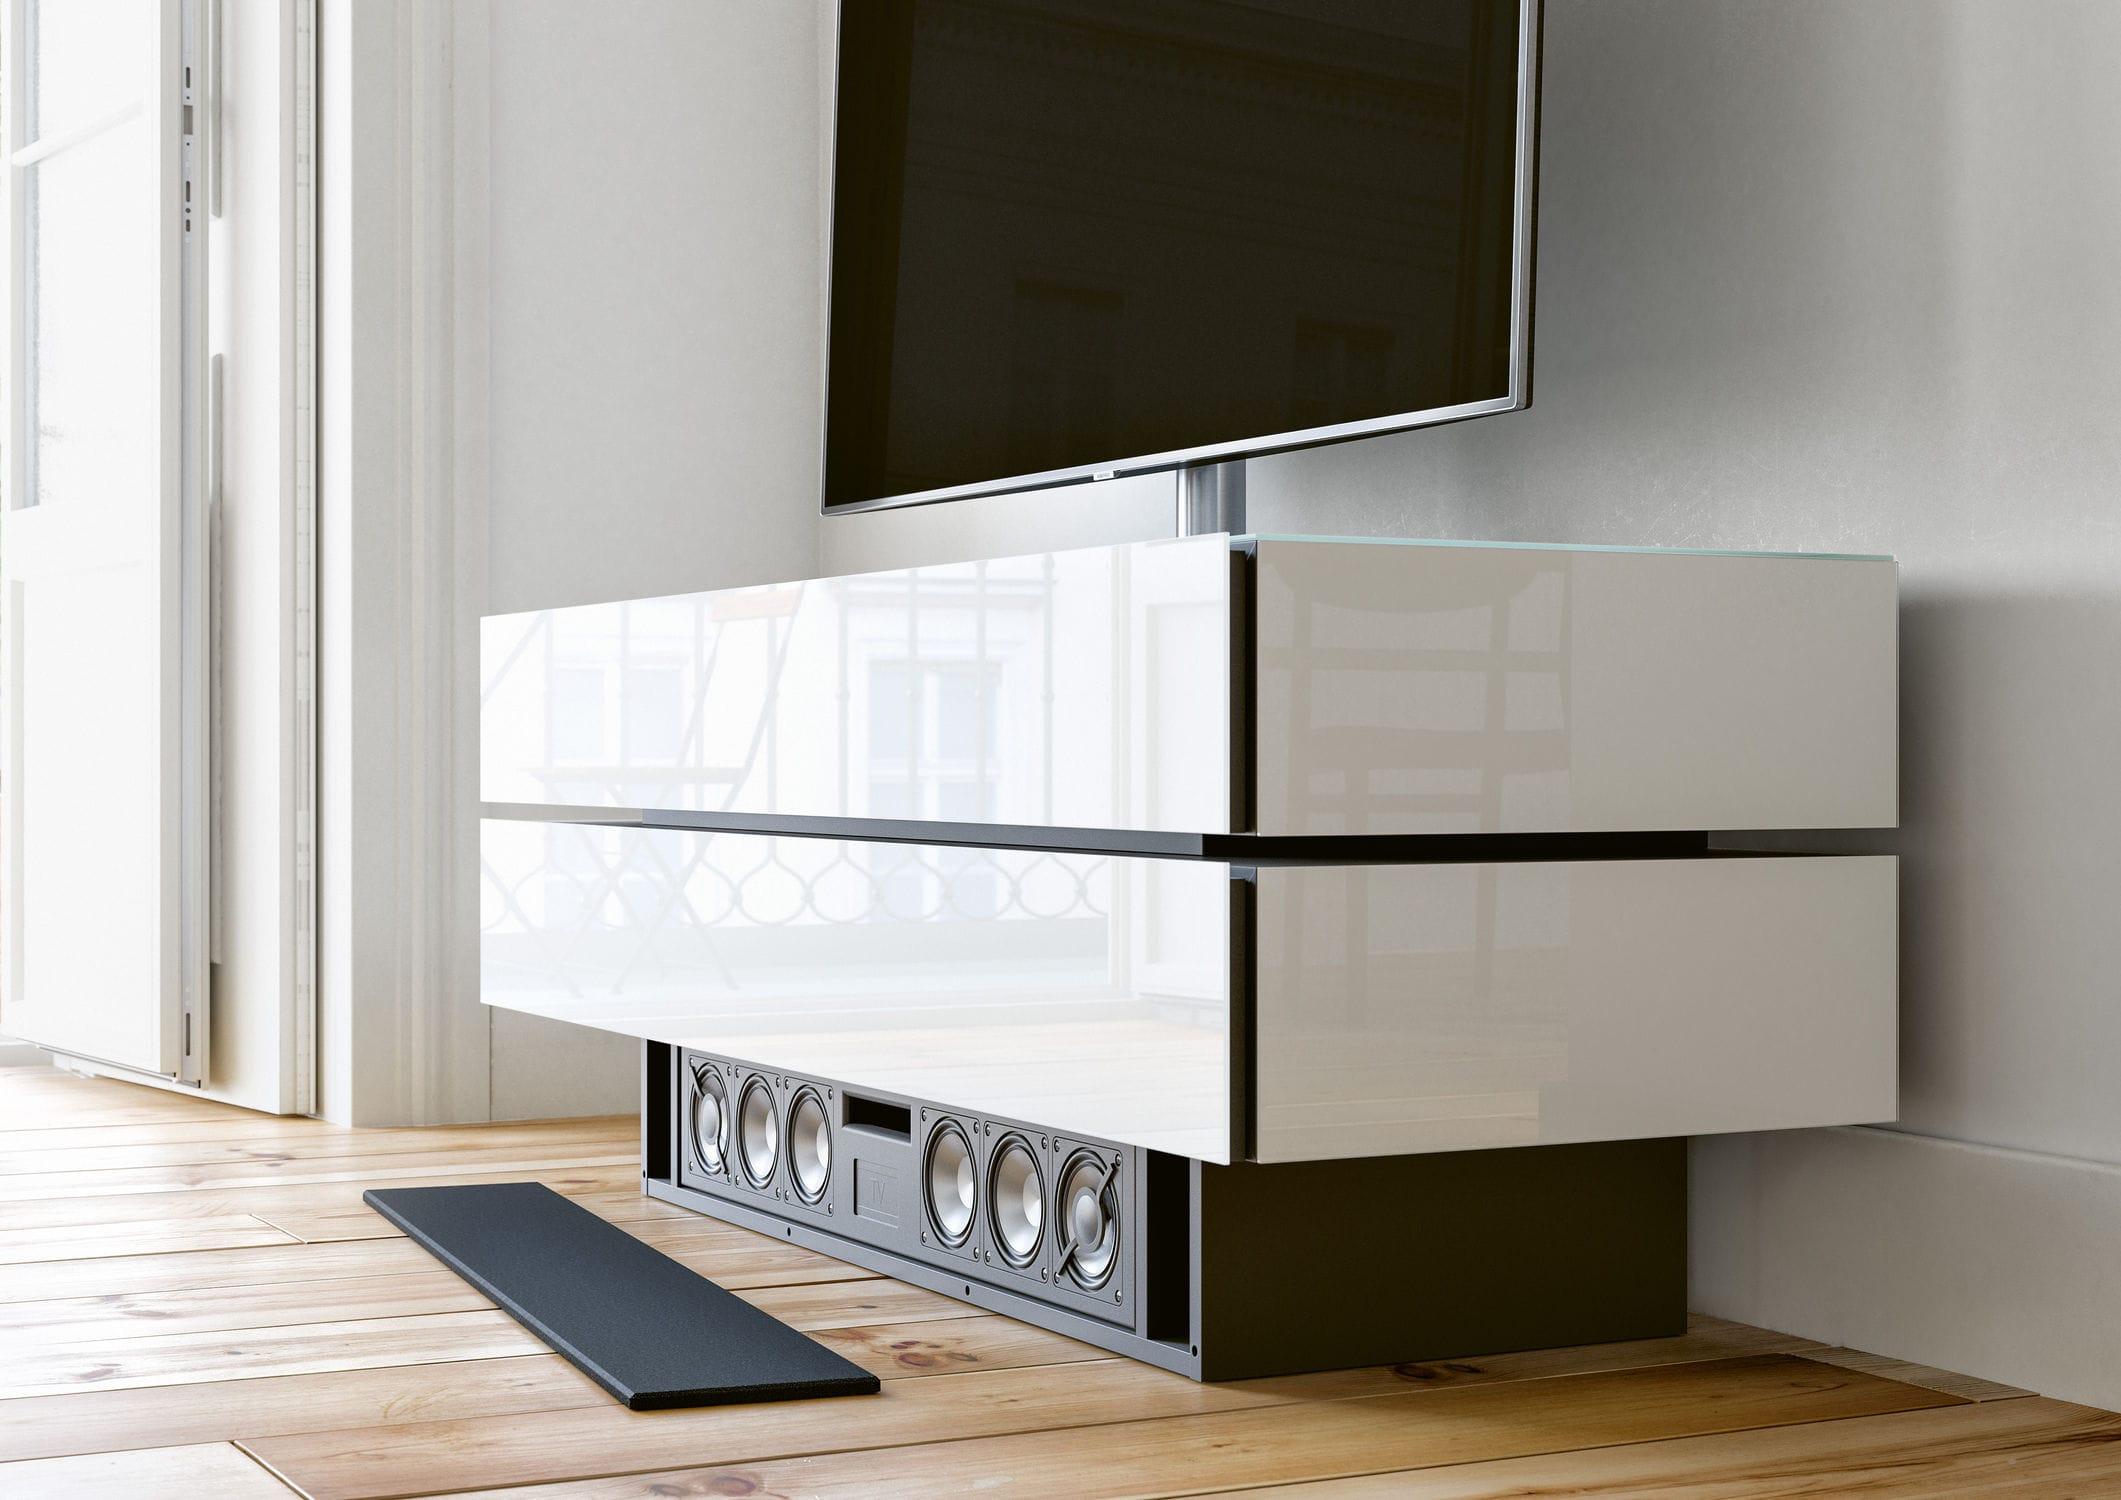 Meuble De T L Vision Contemporain Avec Enceinte Int Gr E En  # Meuble Tv Audio Integre